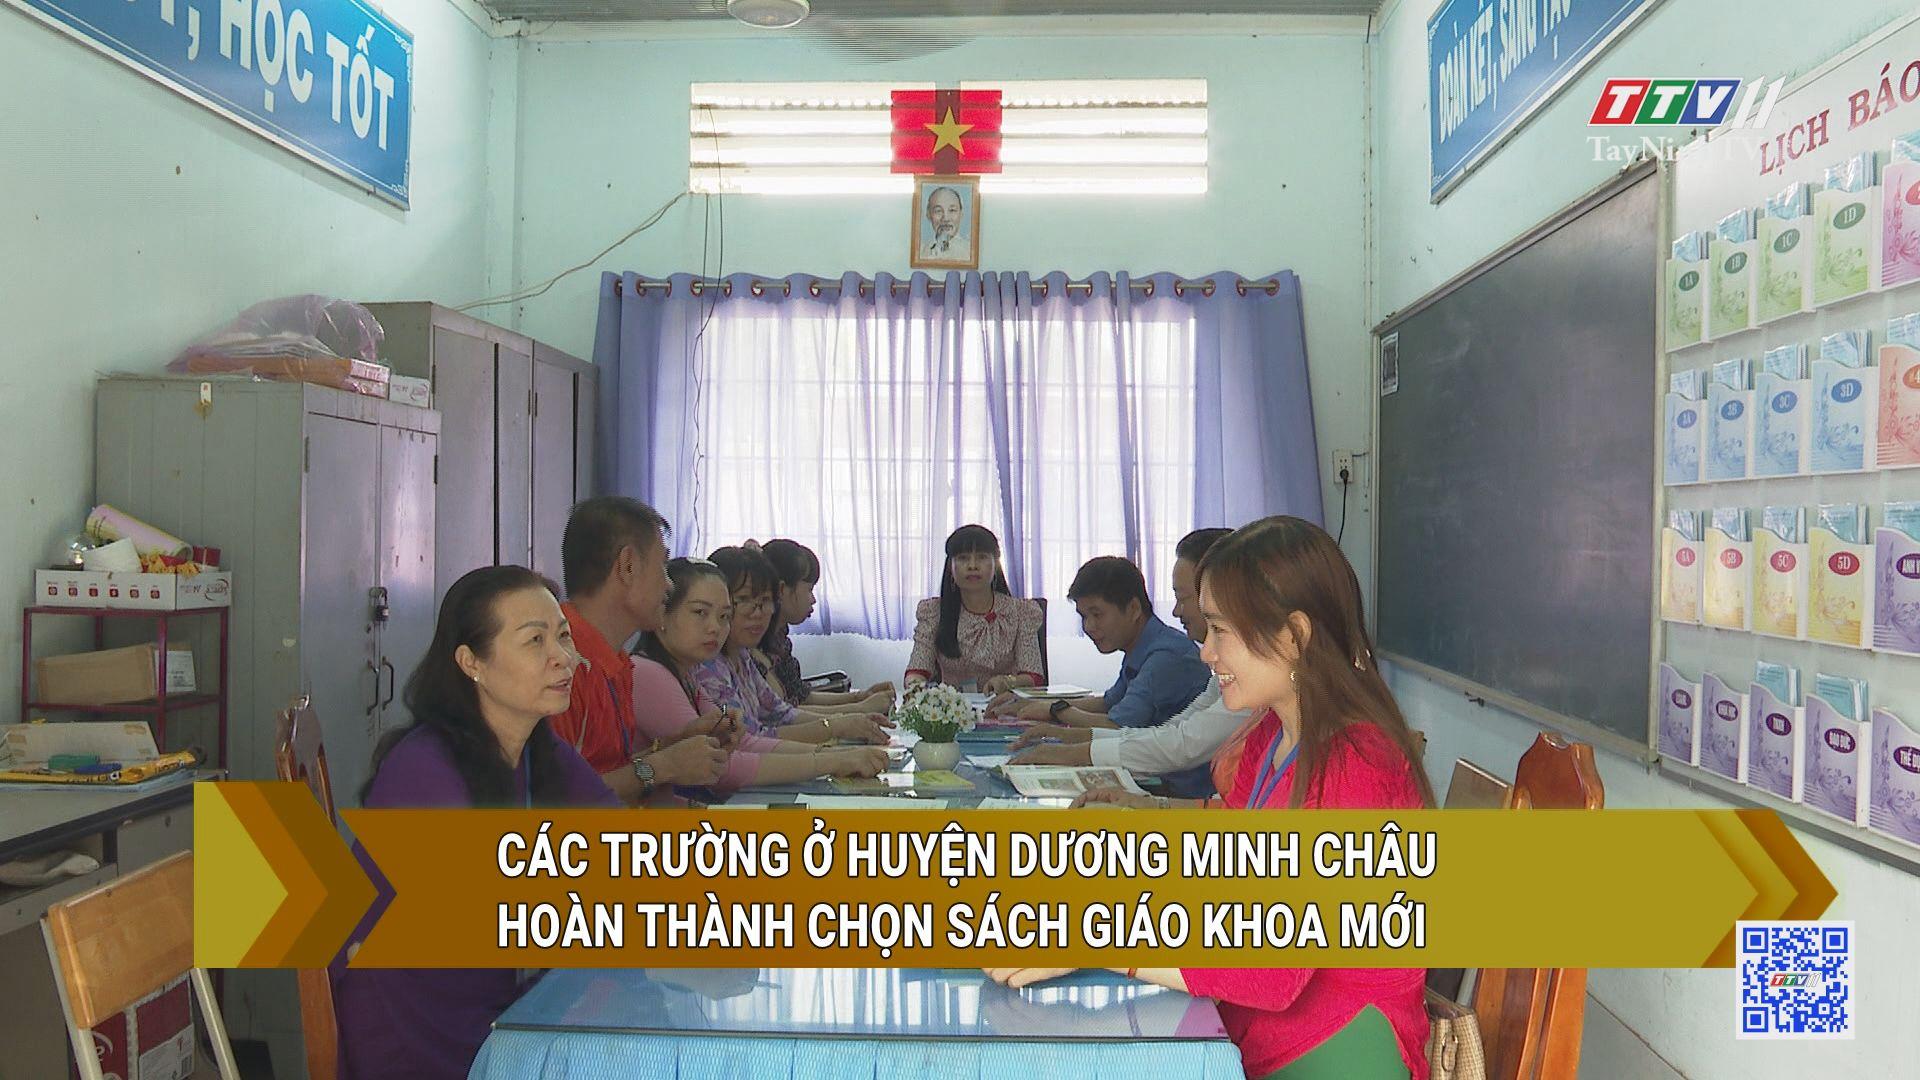 Các trường ở Huyện Dương Minh Châu hoàn thành chọn sách giáo khoa mới | GIÁO DỤC VÀ ĐÀO TẠO | TayNinhTV